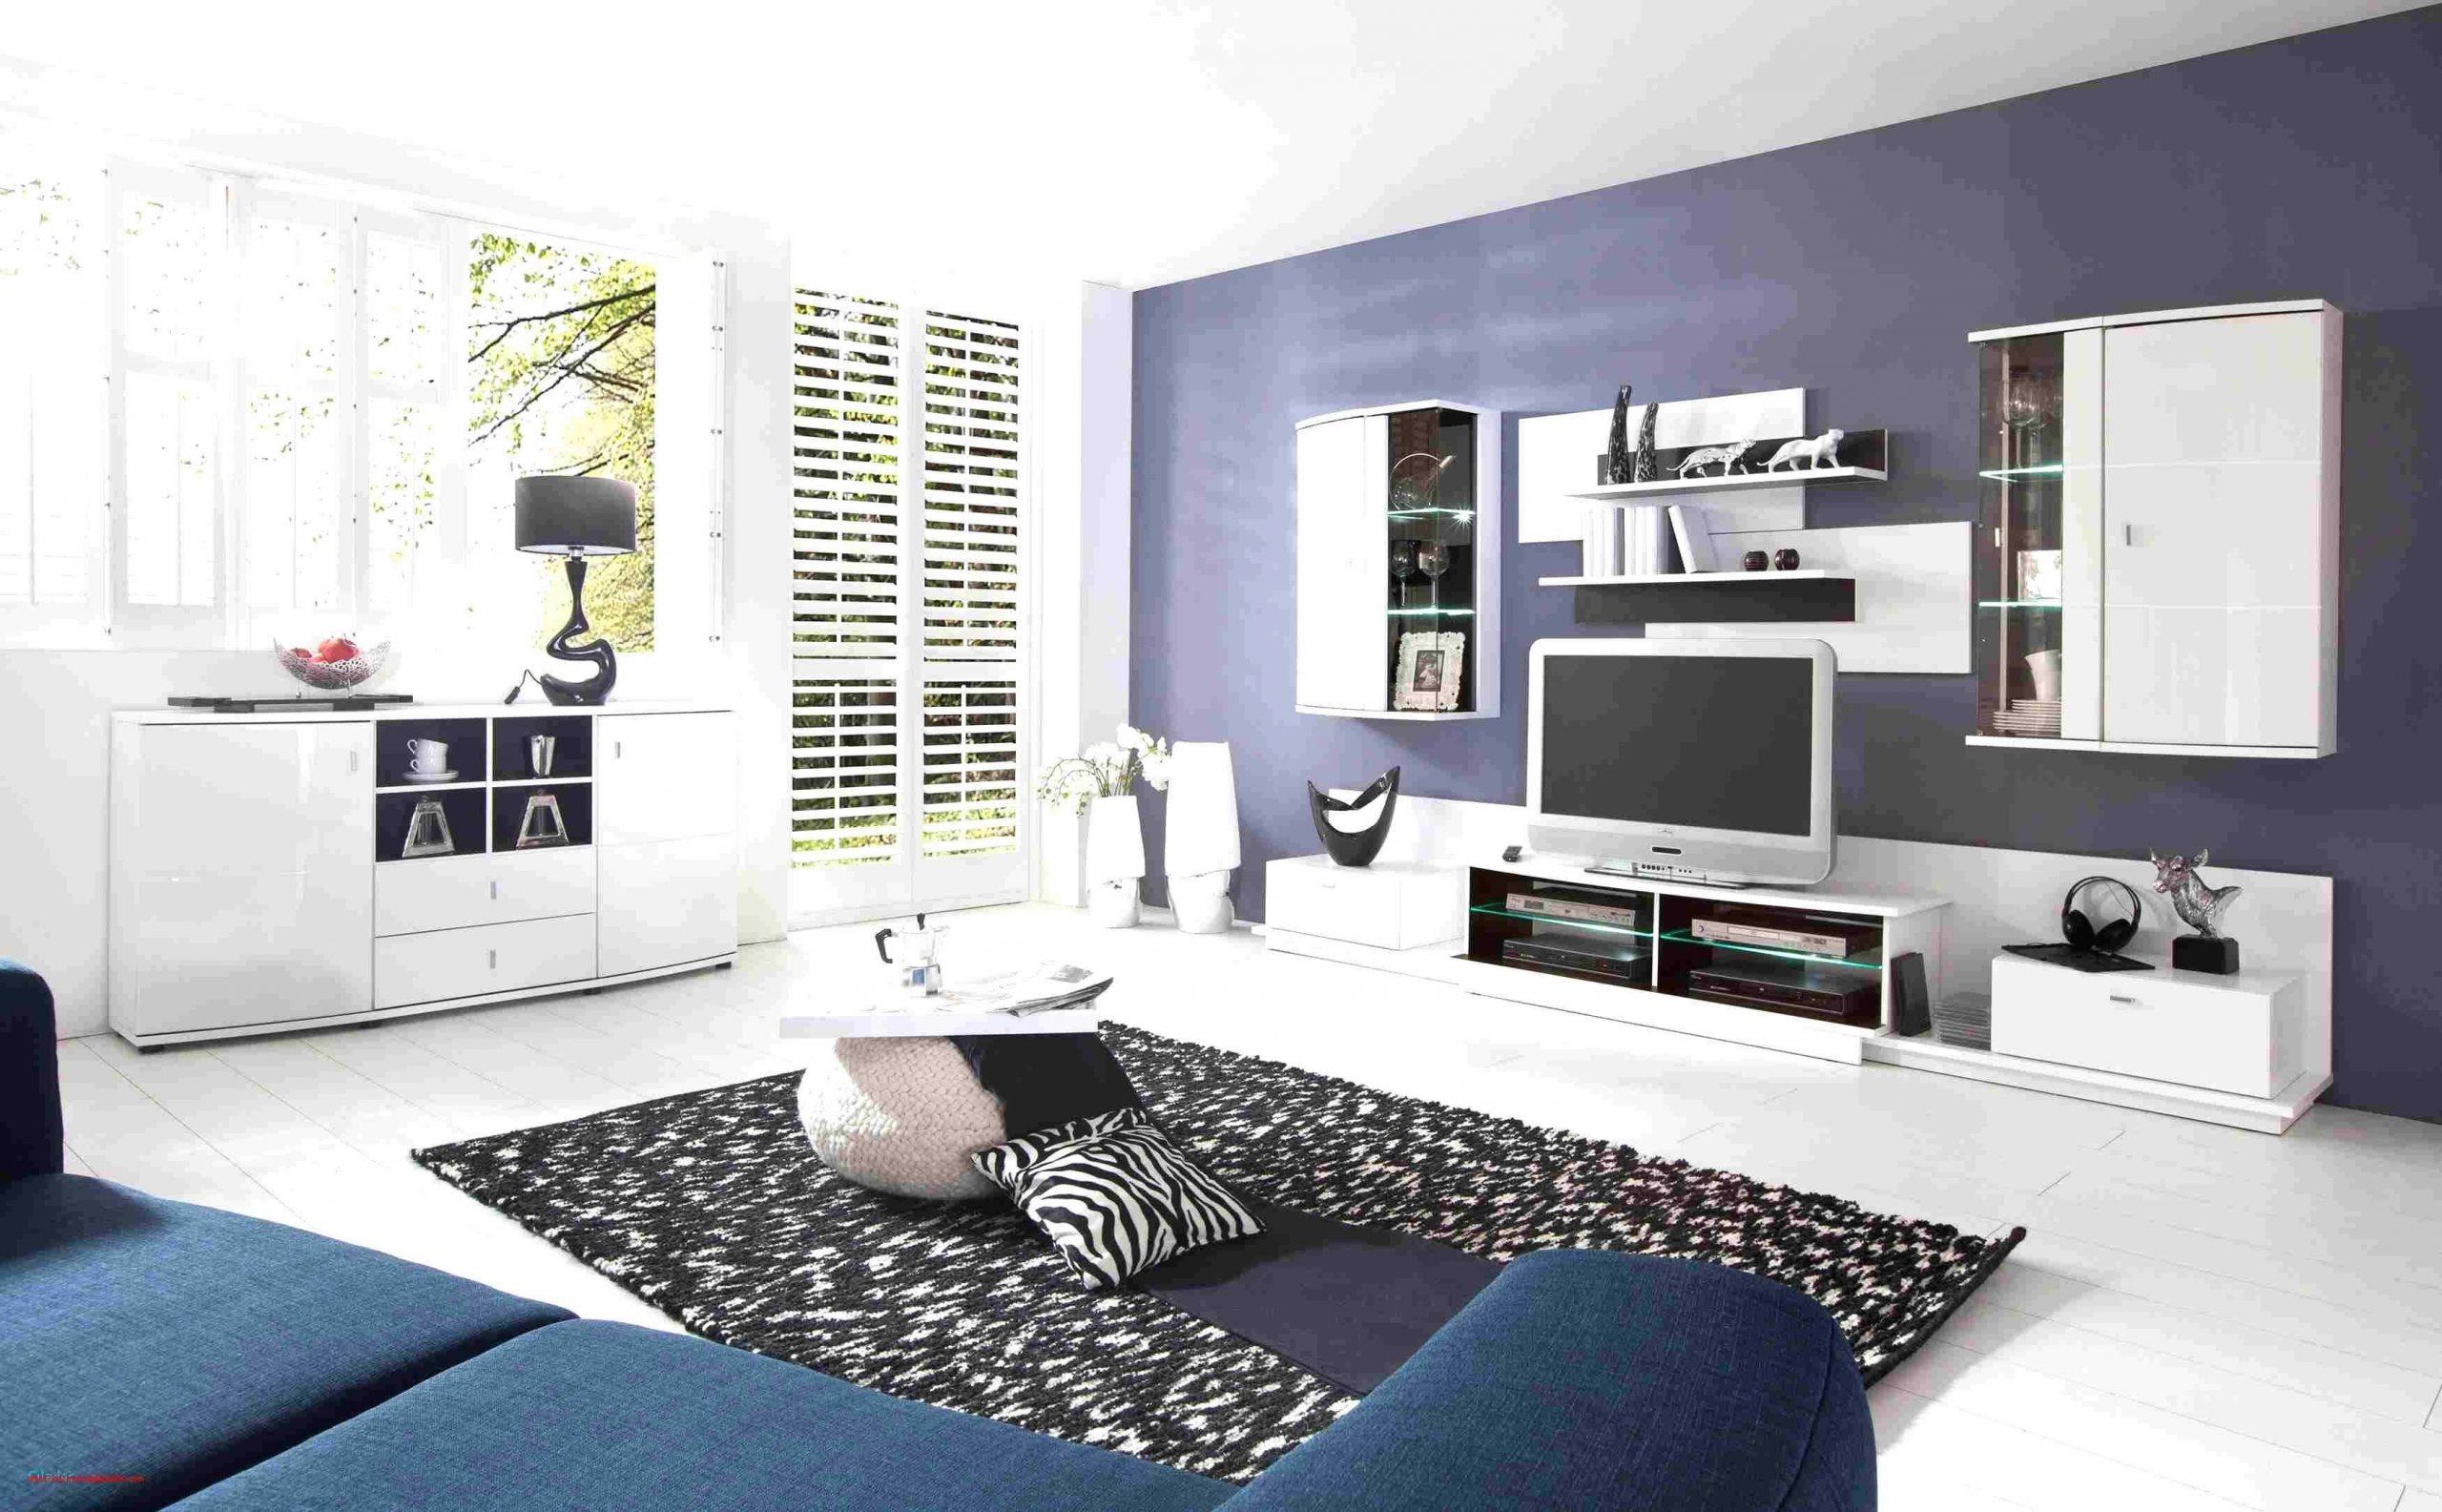 Full Size of Wohnzimmer Weiß Frisch 37 Beste Von Wohnzimmer Schrankwand Weiß Planen Wohnzimmer Wohnzimmer Schrankwand